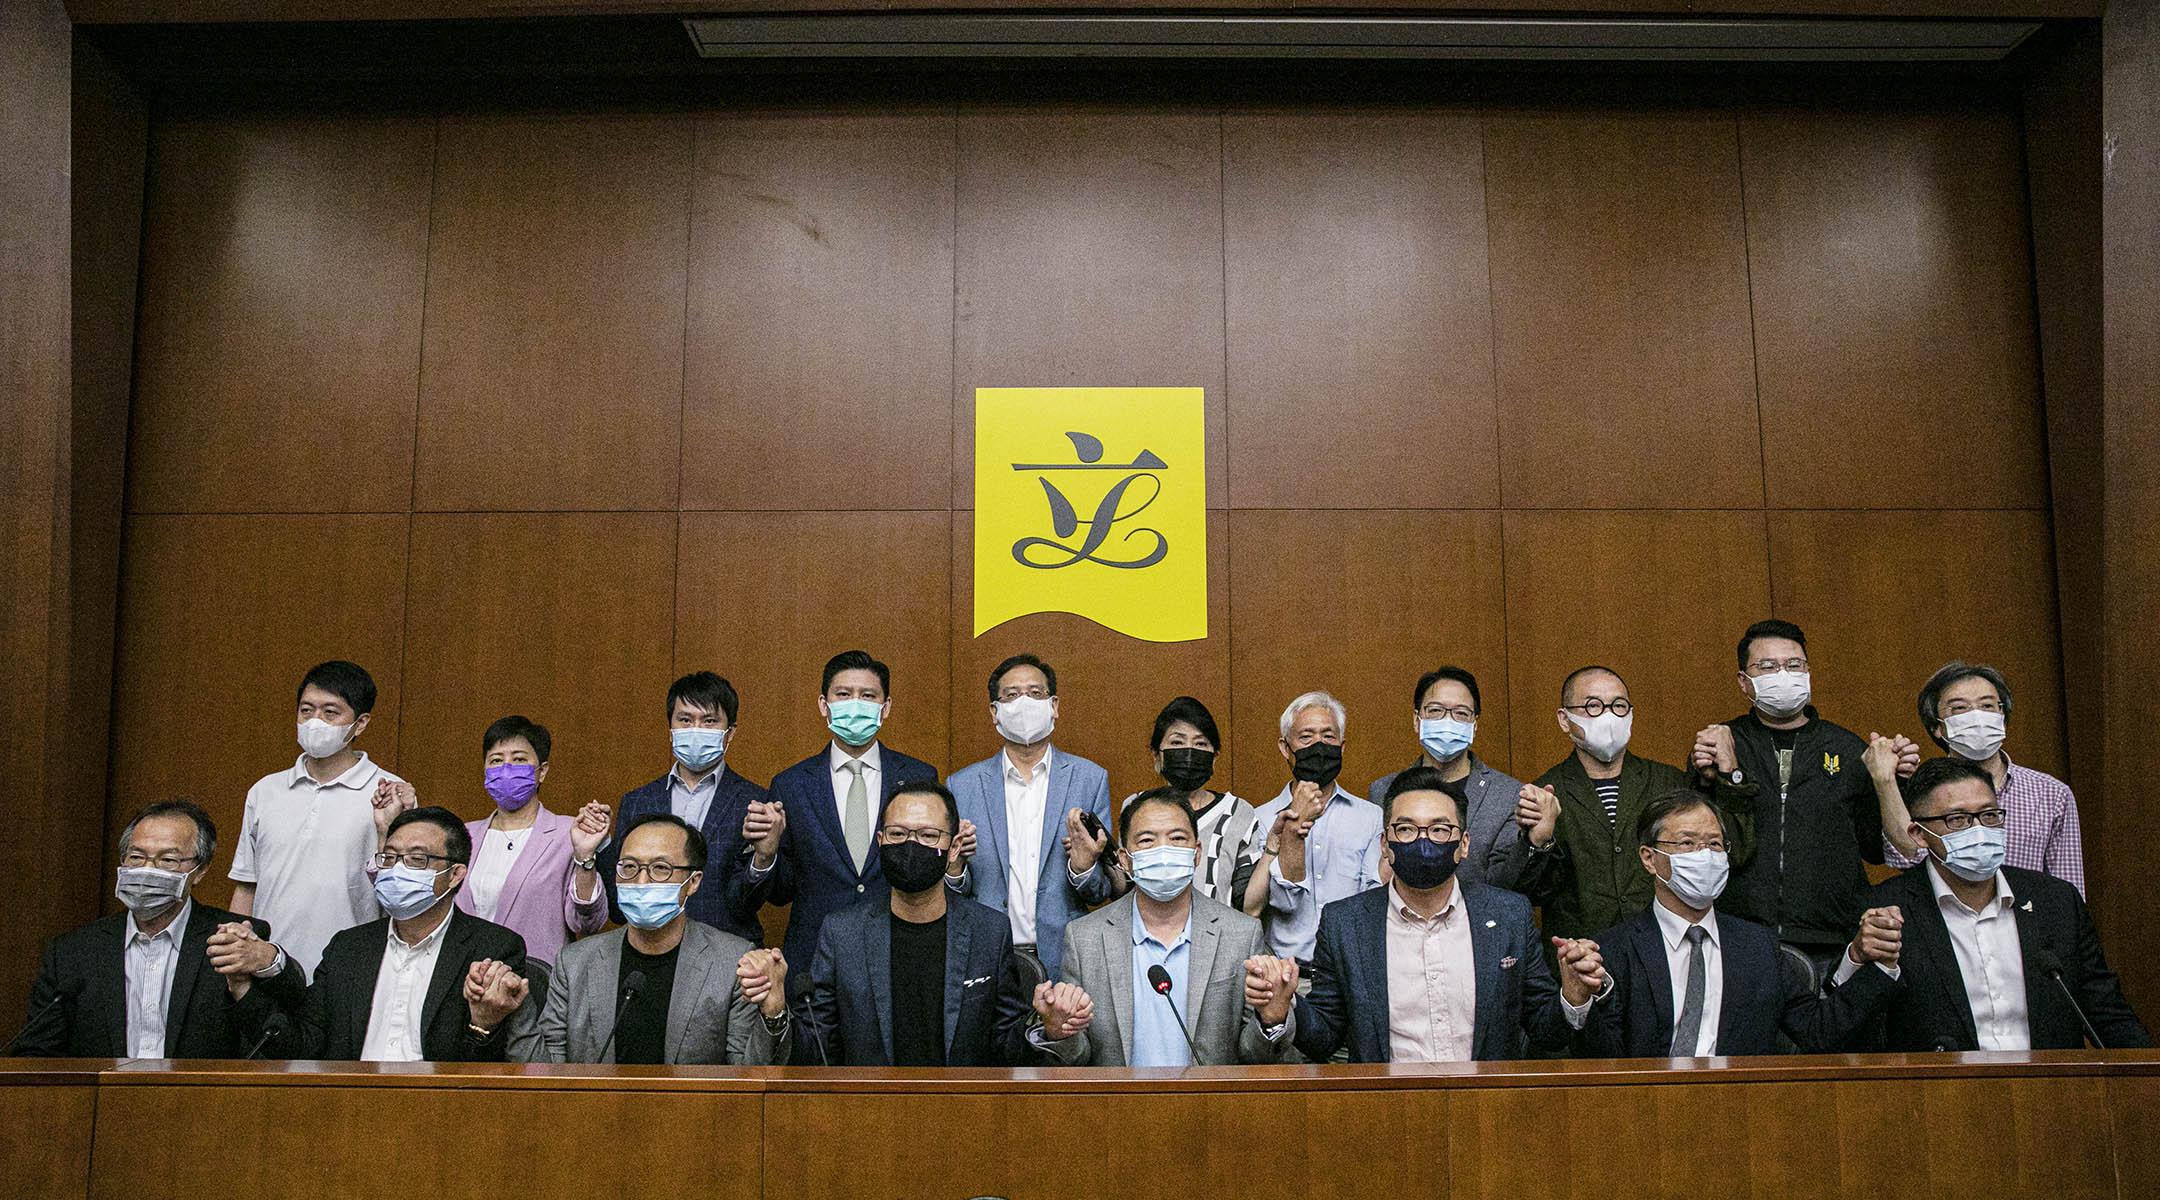 2020年11月9日,立法會民主派議員召開記者會。 攝:陳焯煇/端傳媒